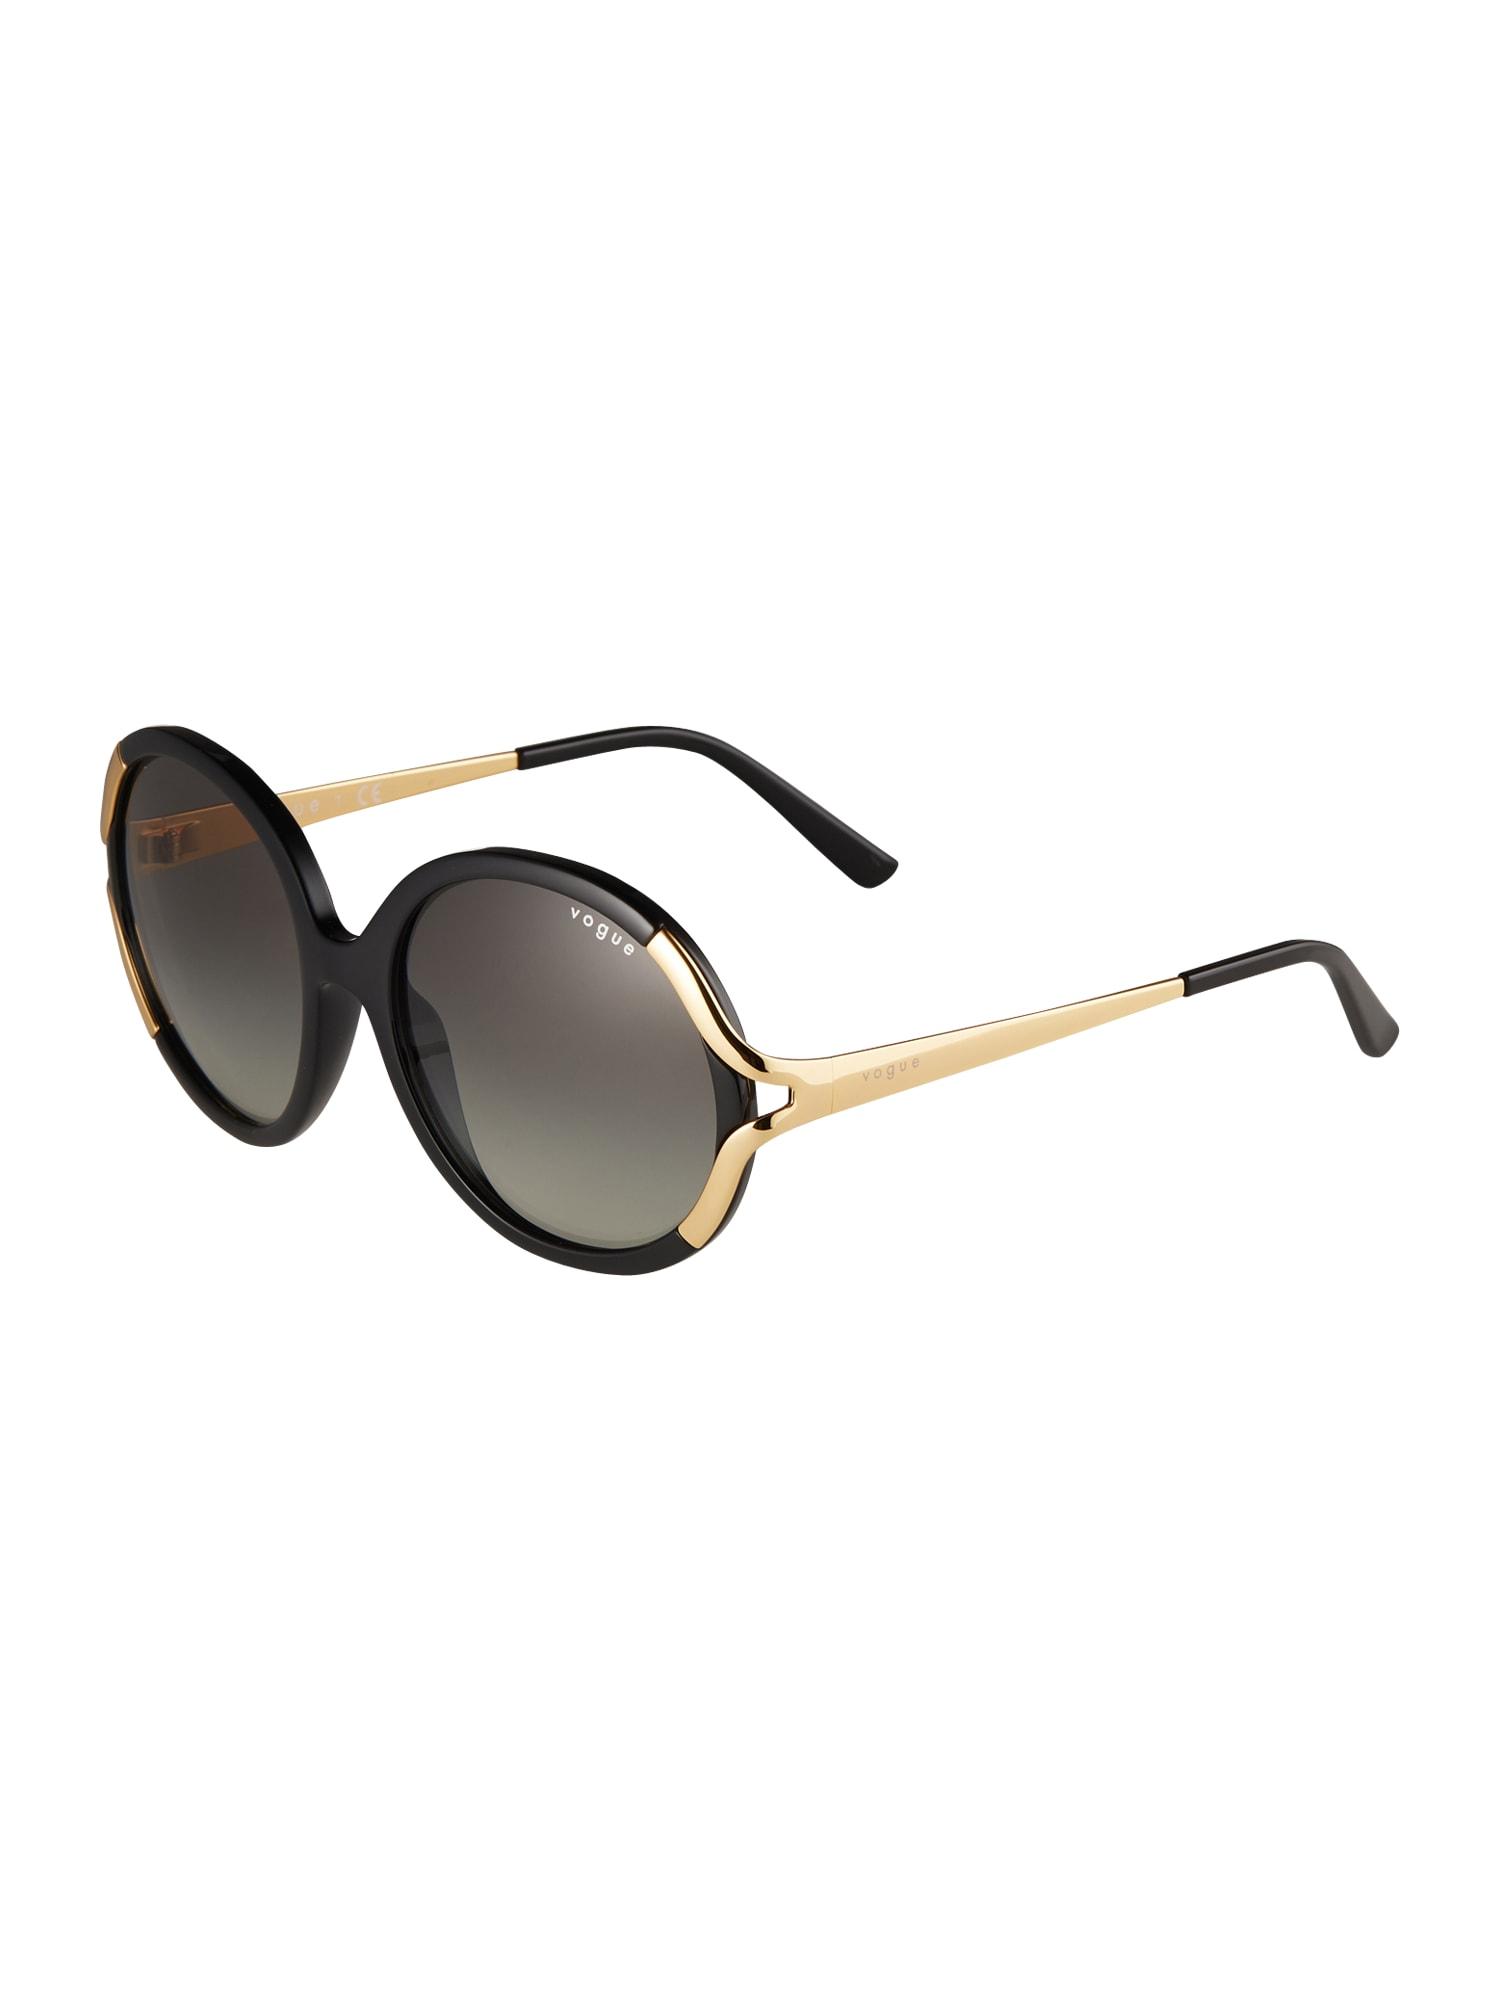 VOGUE Eyewear Akiniai nuo saulės juoda / auksas